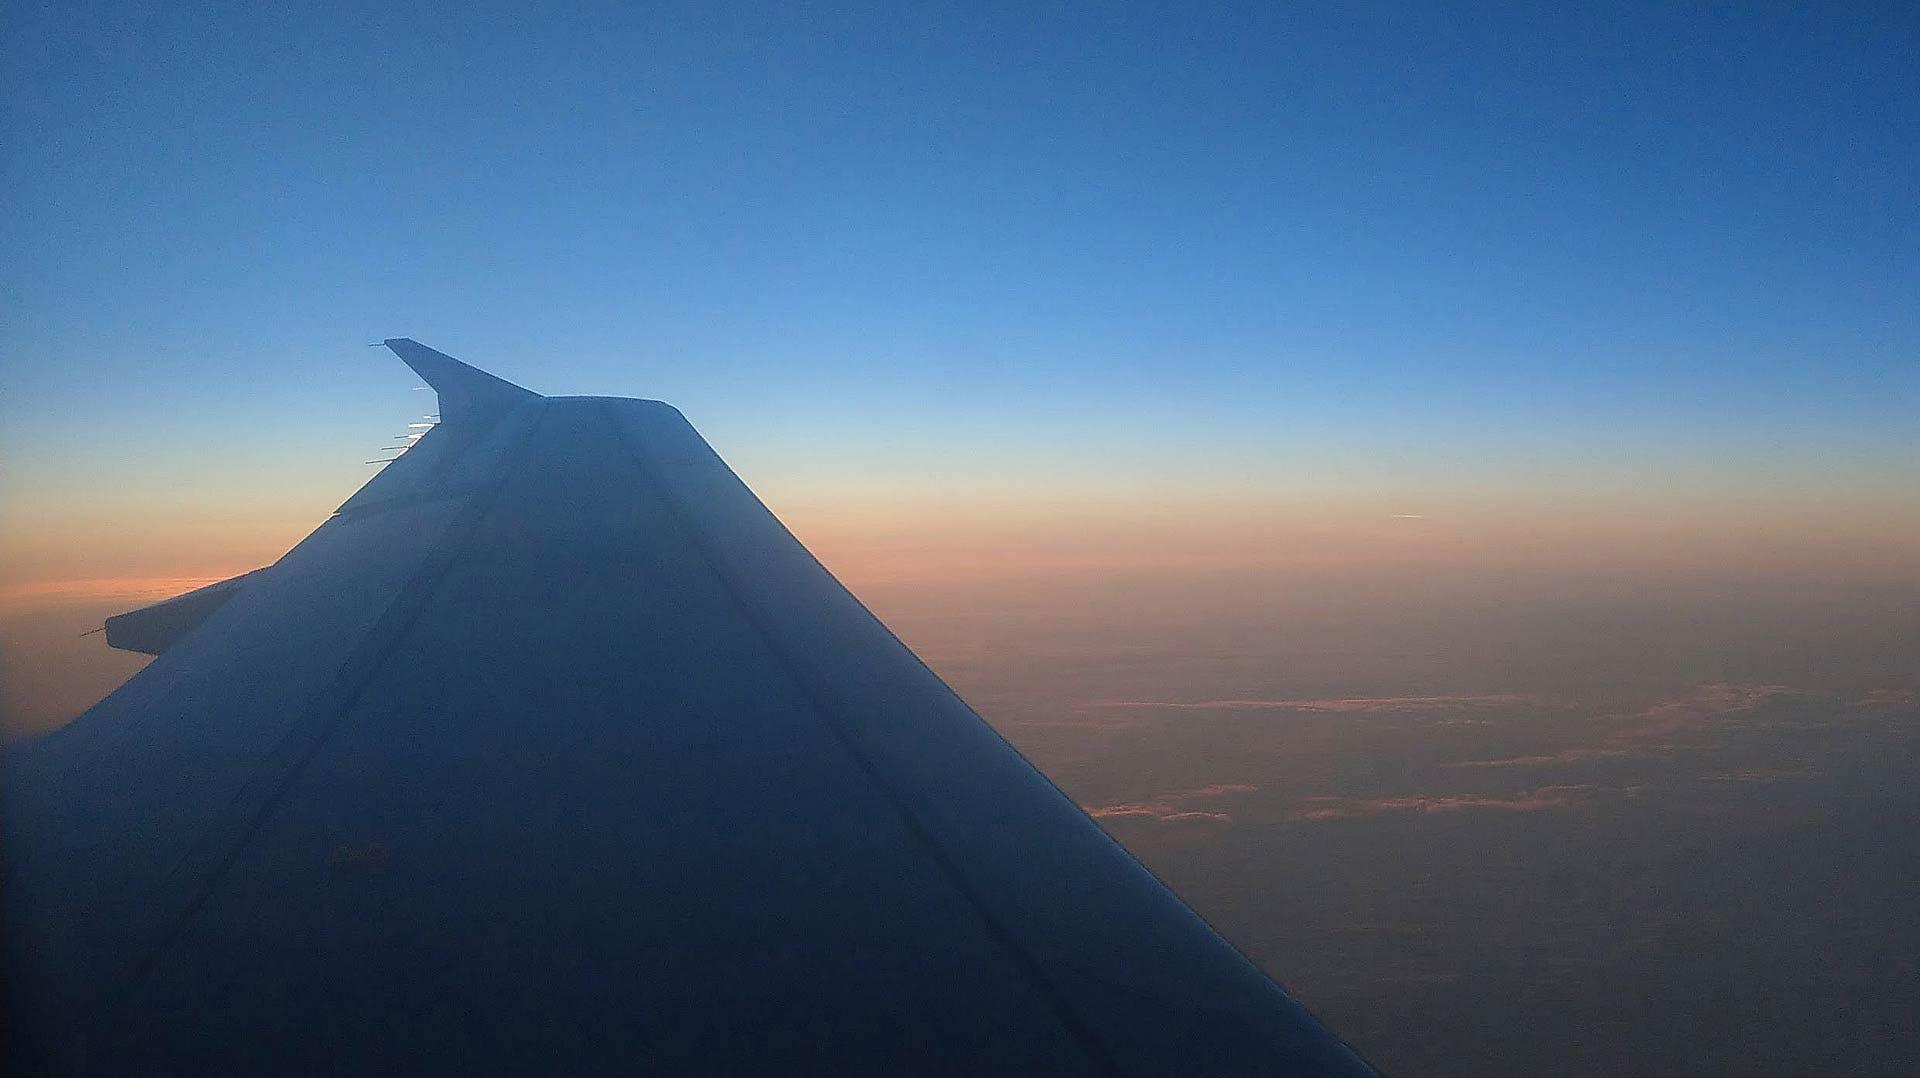 In volo si apprezza lo spettacolare cielo colorato dal tramonto rosso arancio con sfumature verdi